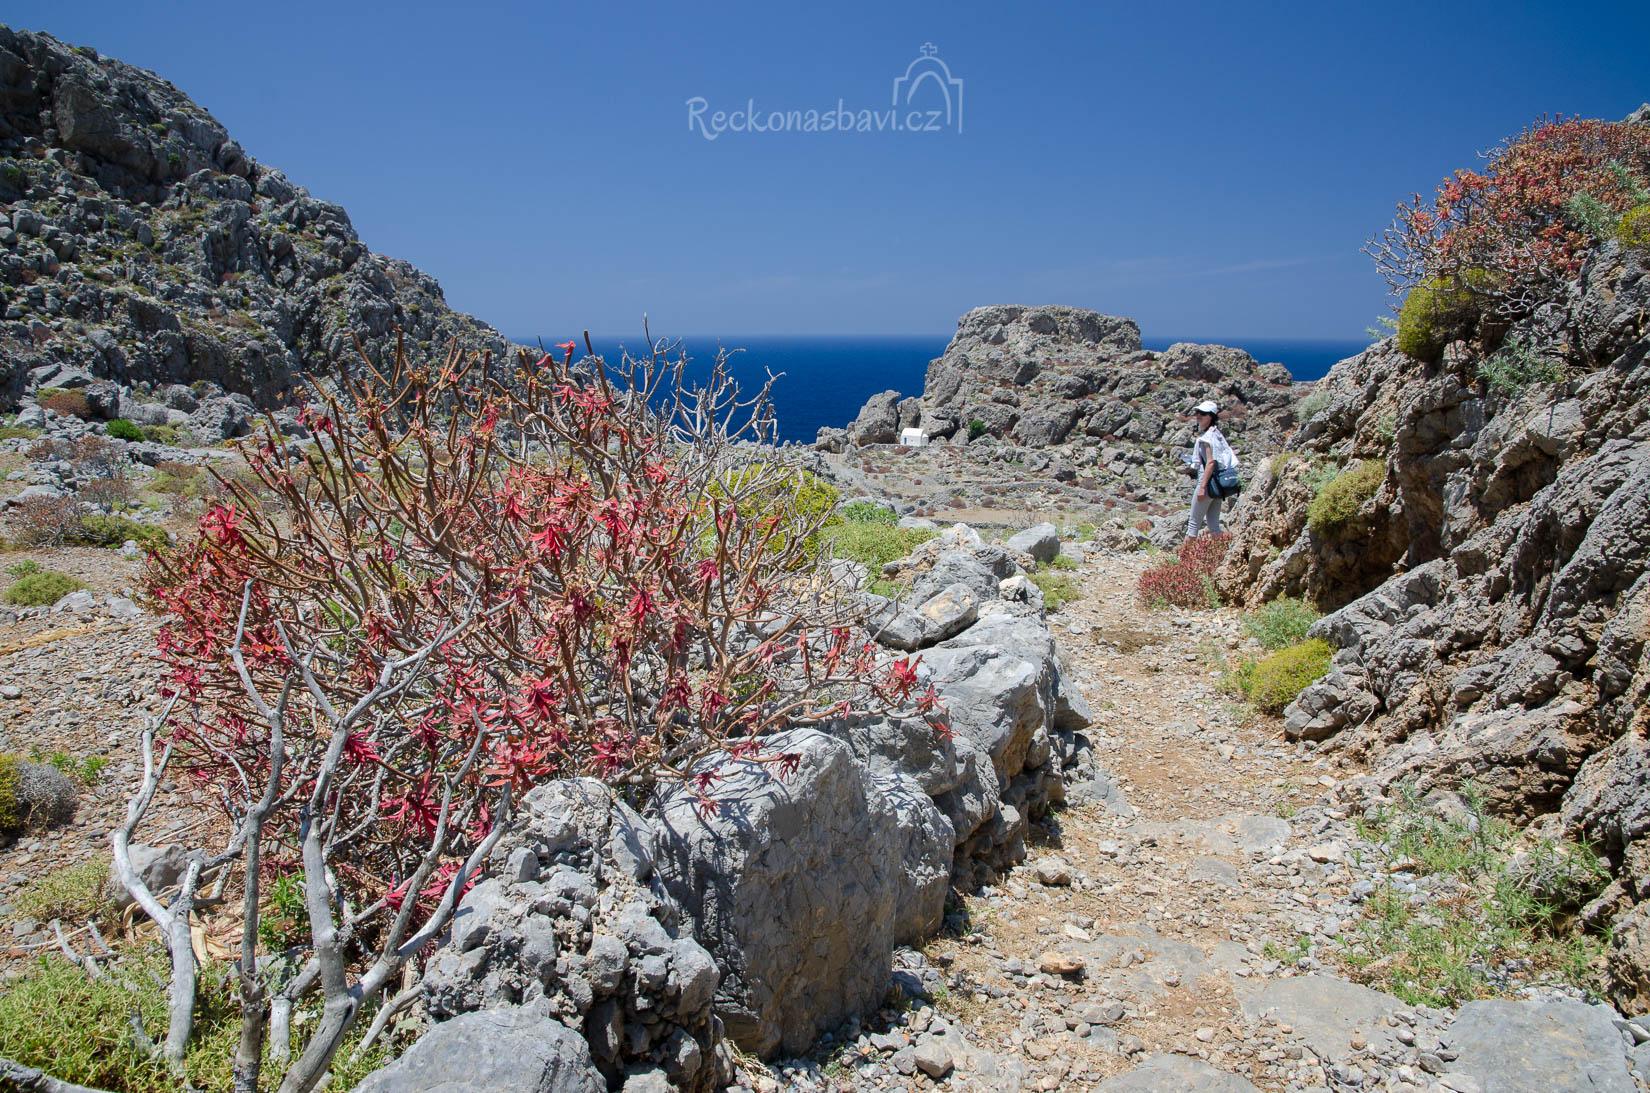 Cestička nás dovede ke kostelíku Agia Marina postaveného v závětří skalního výklenku.